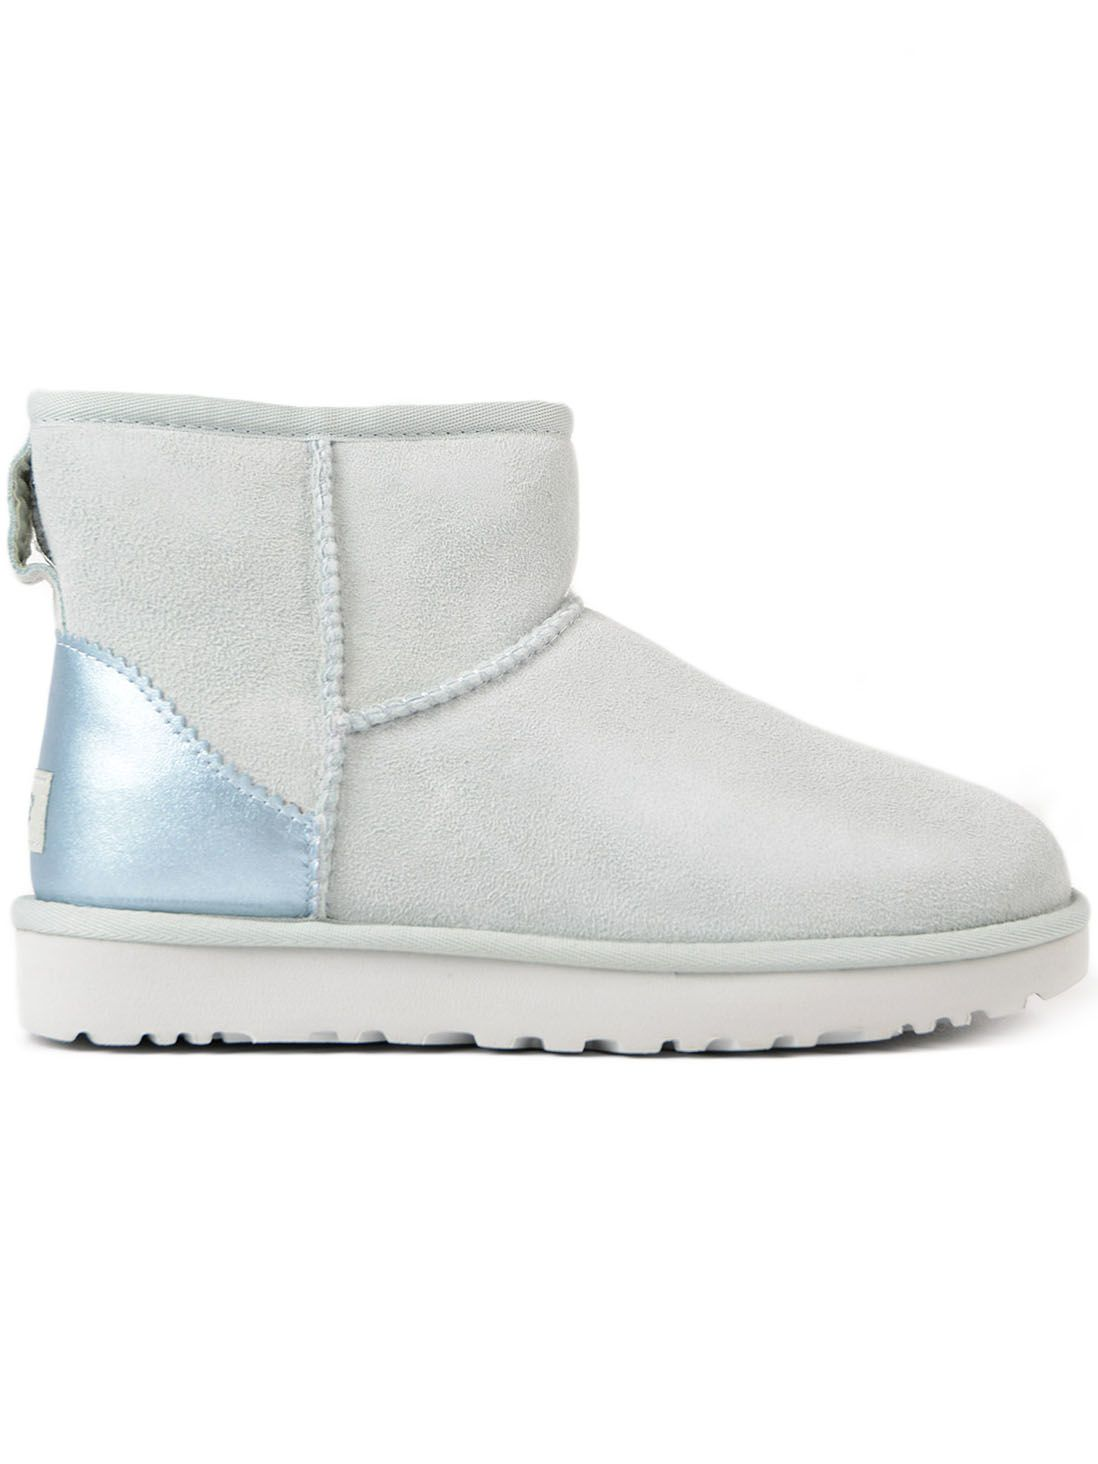 Ugg Mini Metallic Boots